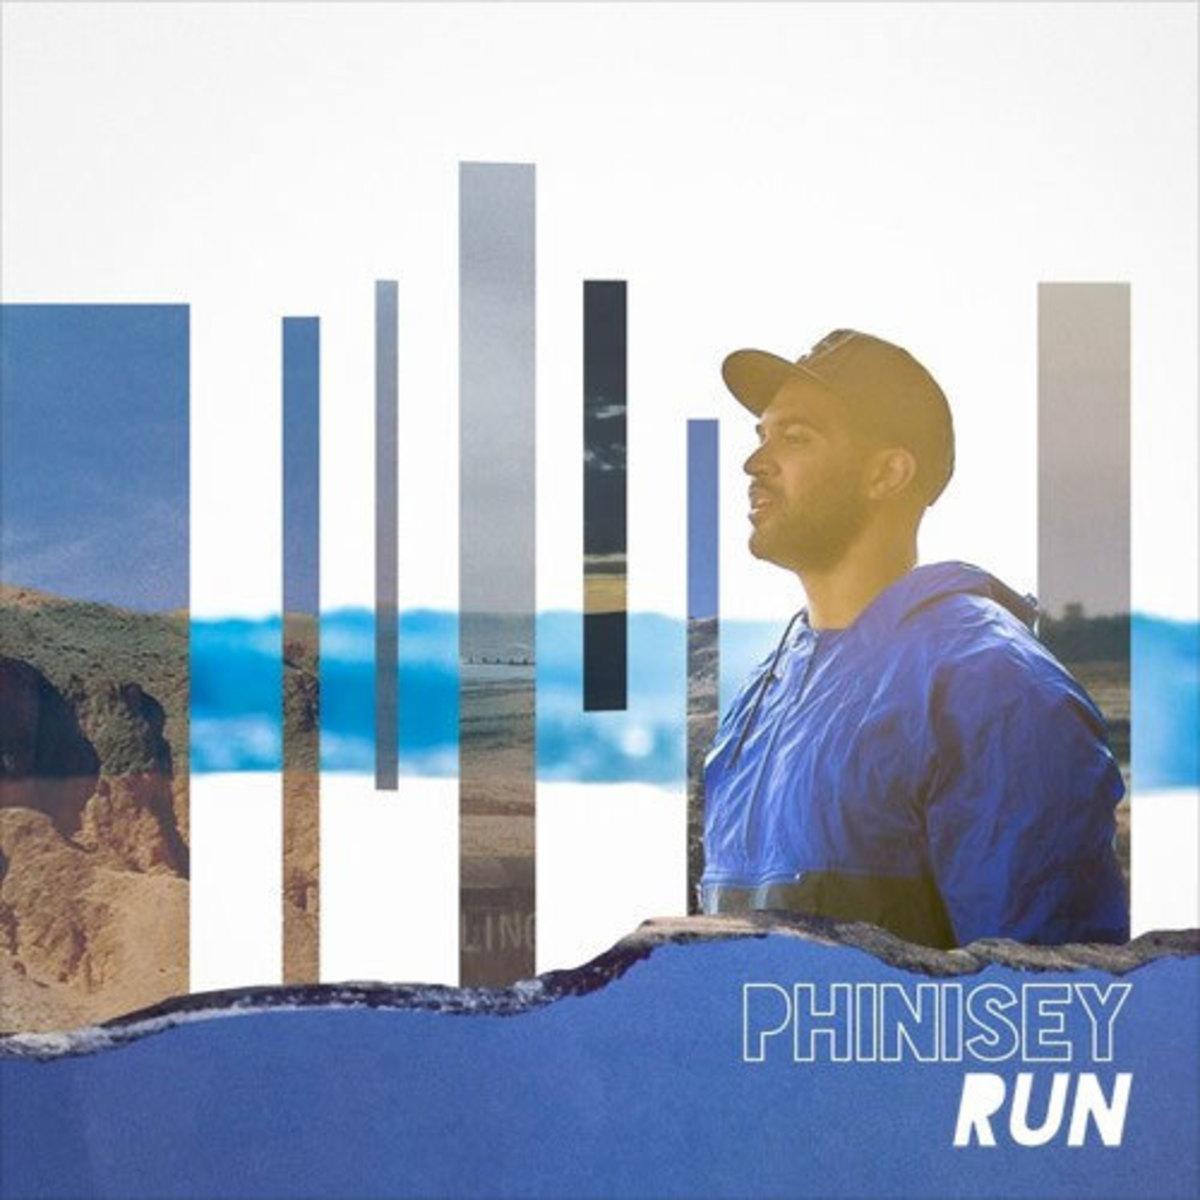 phinisey-run.jpg